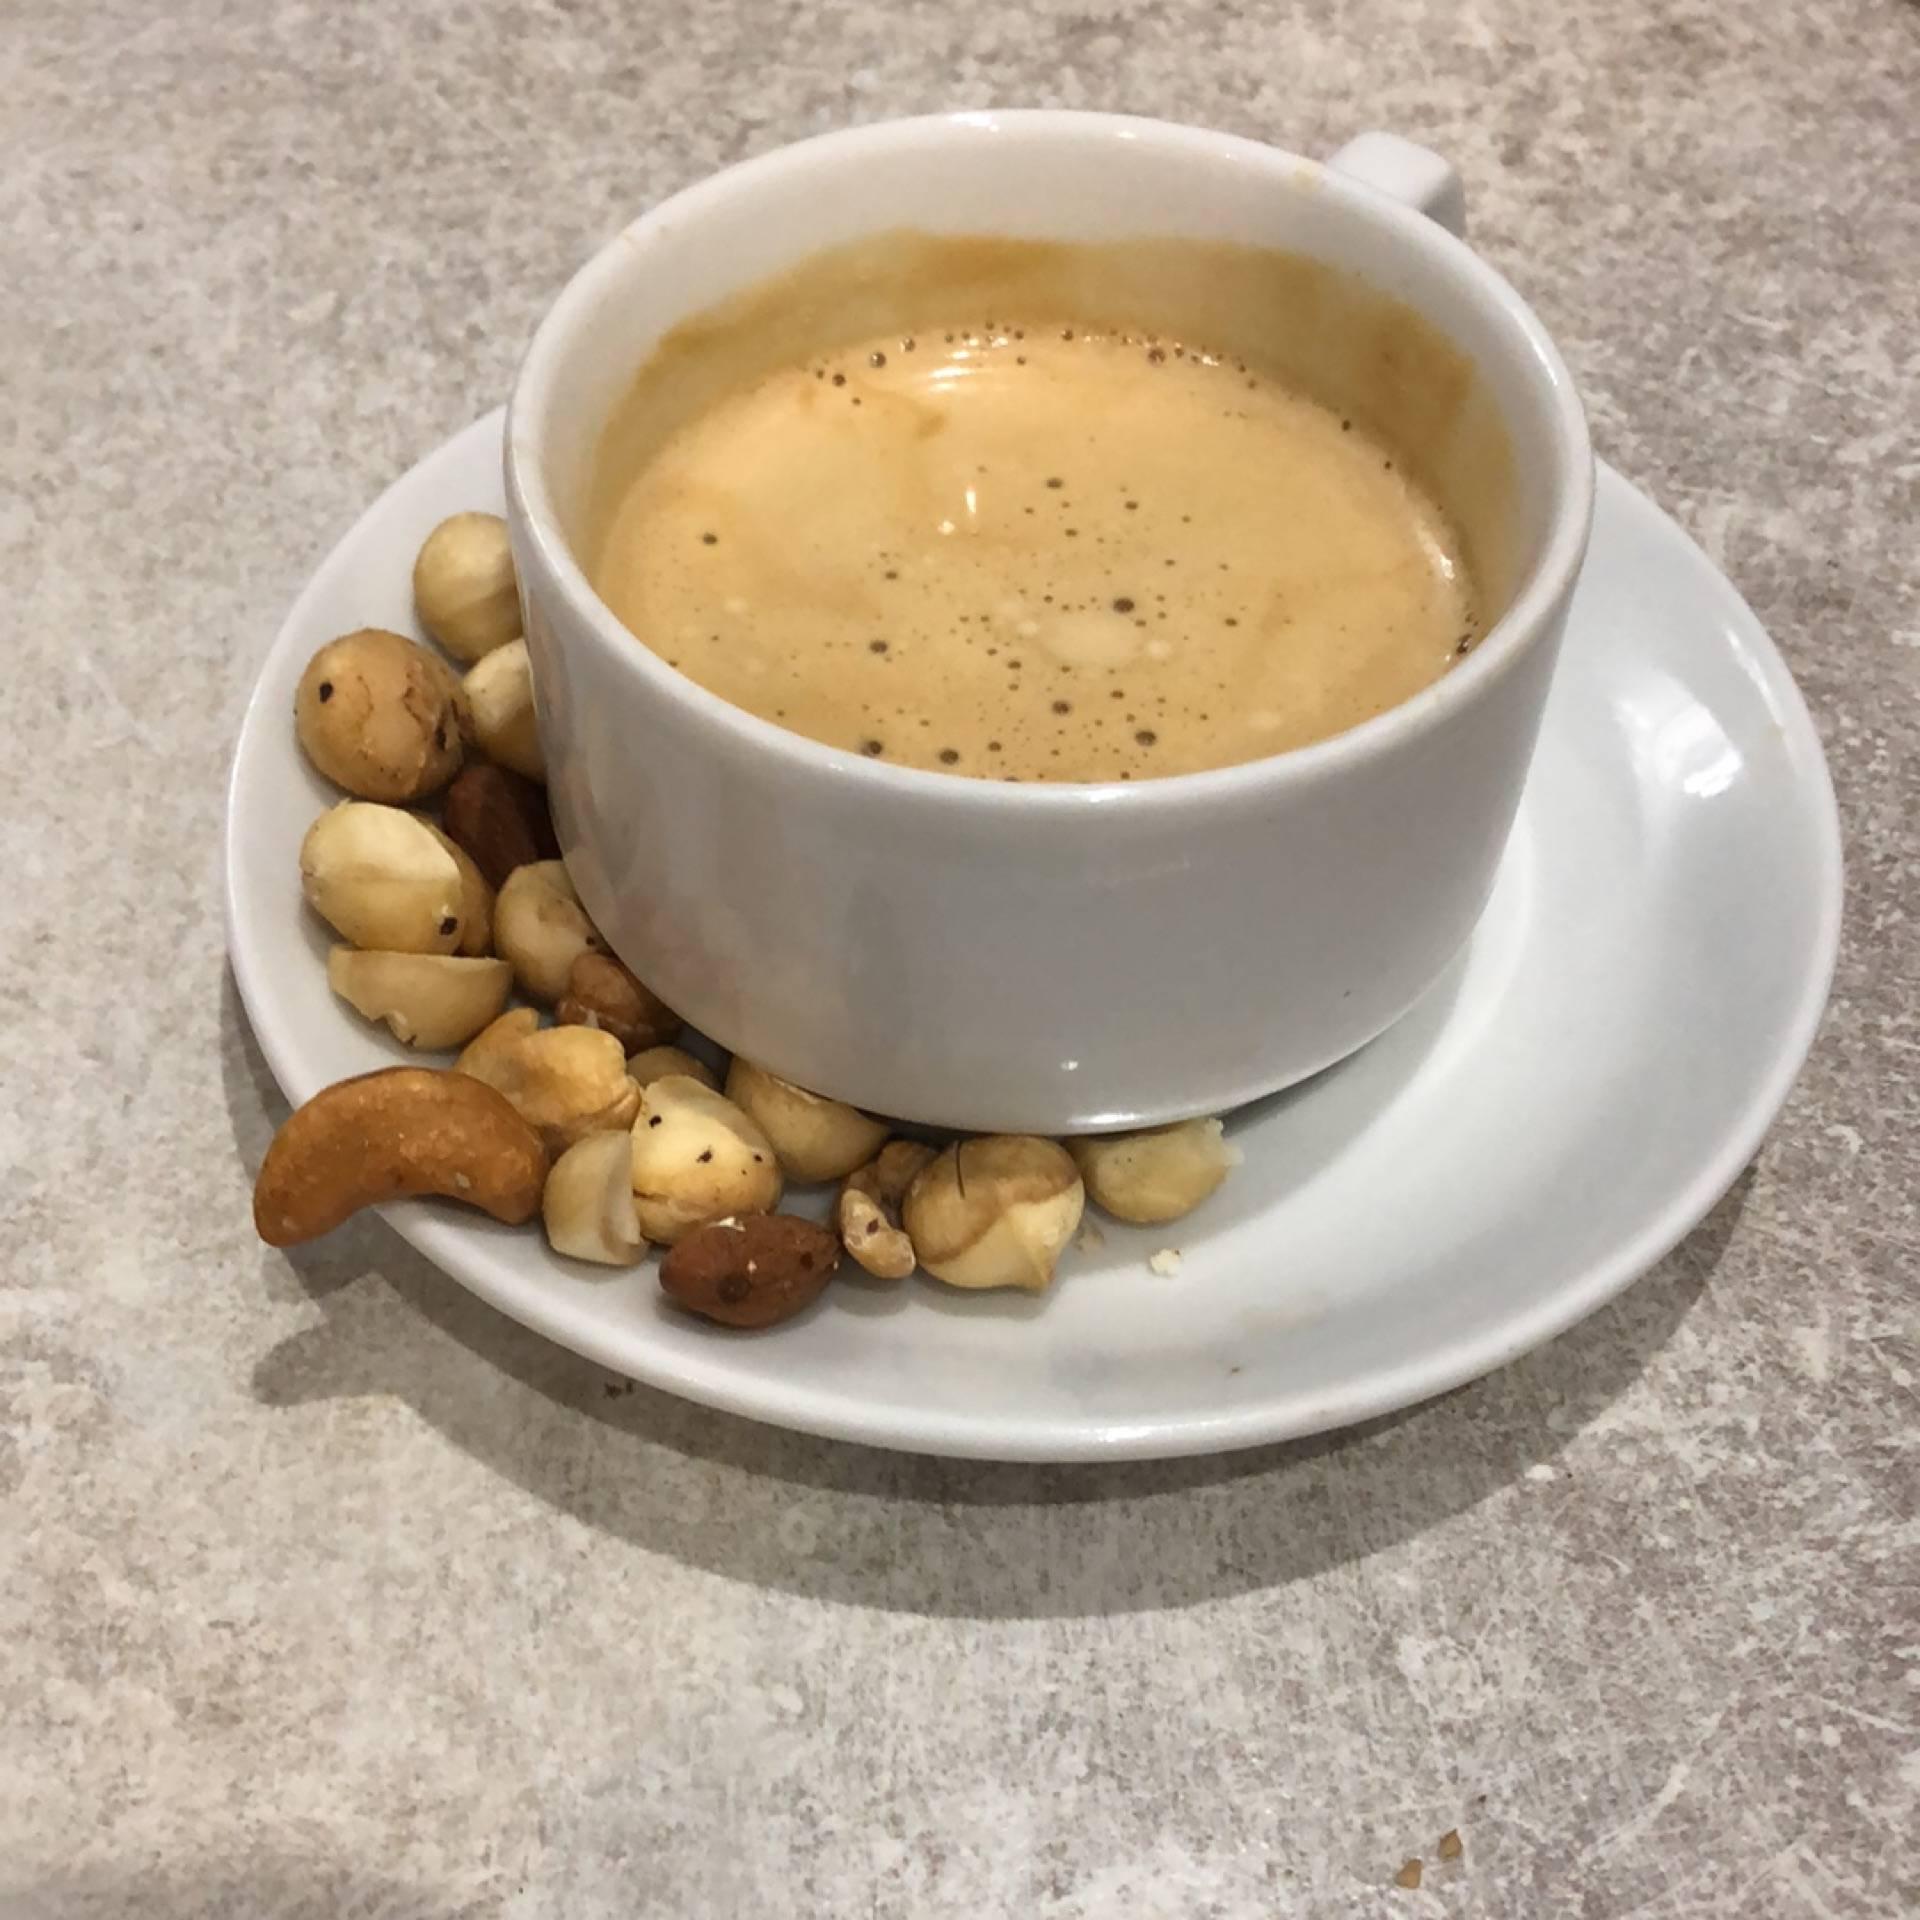 Кофе с орехами, происхождение напитка, приготовление, рецепты